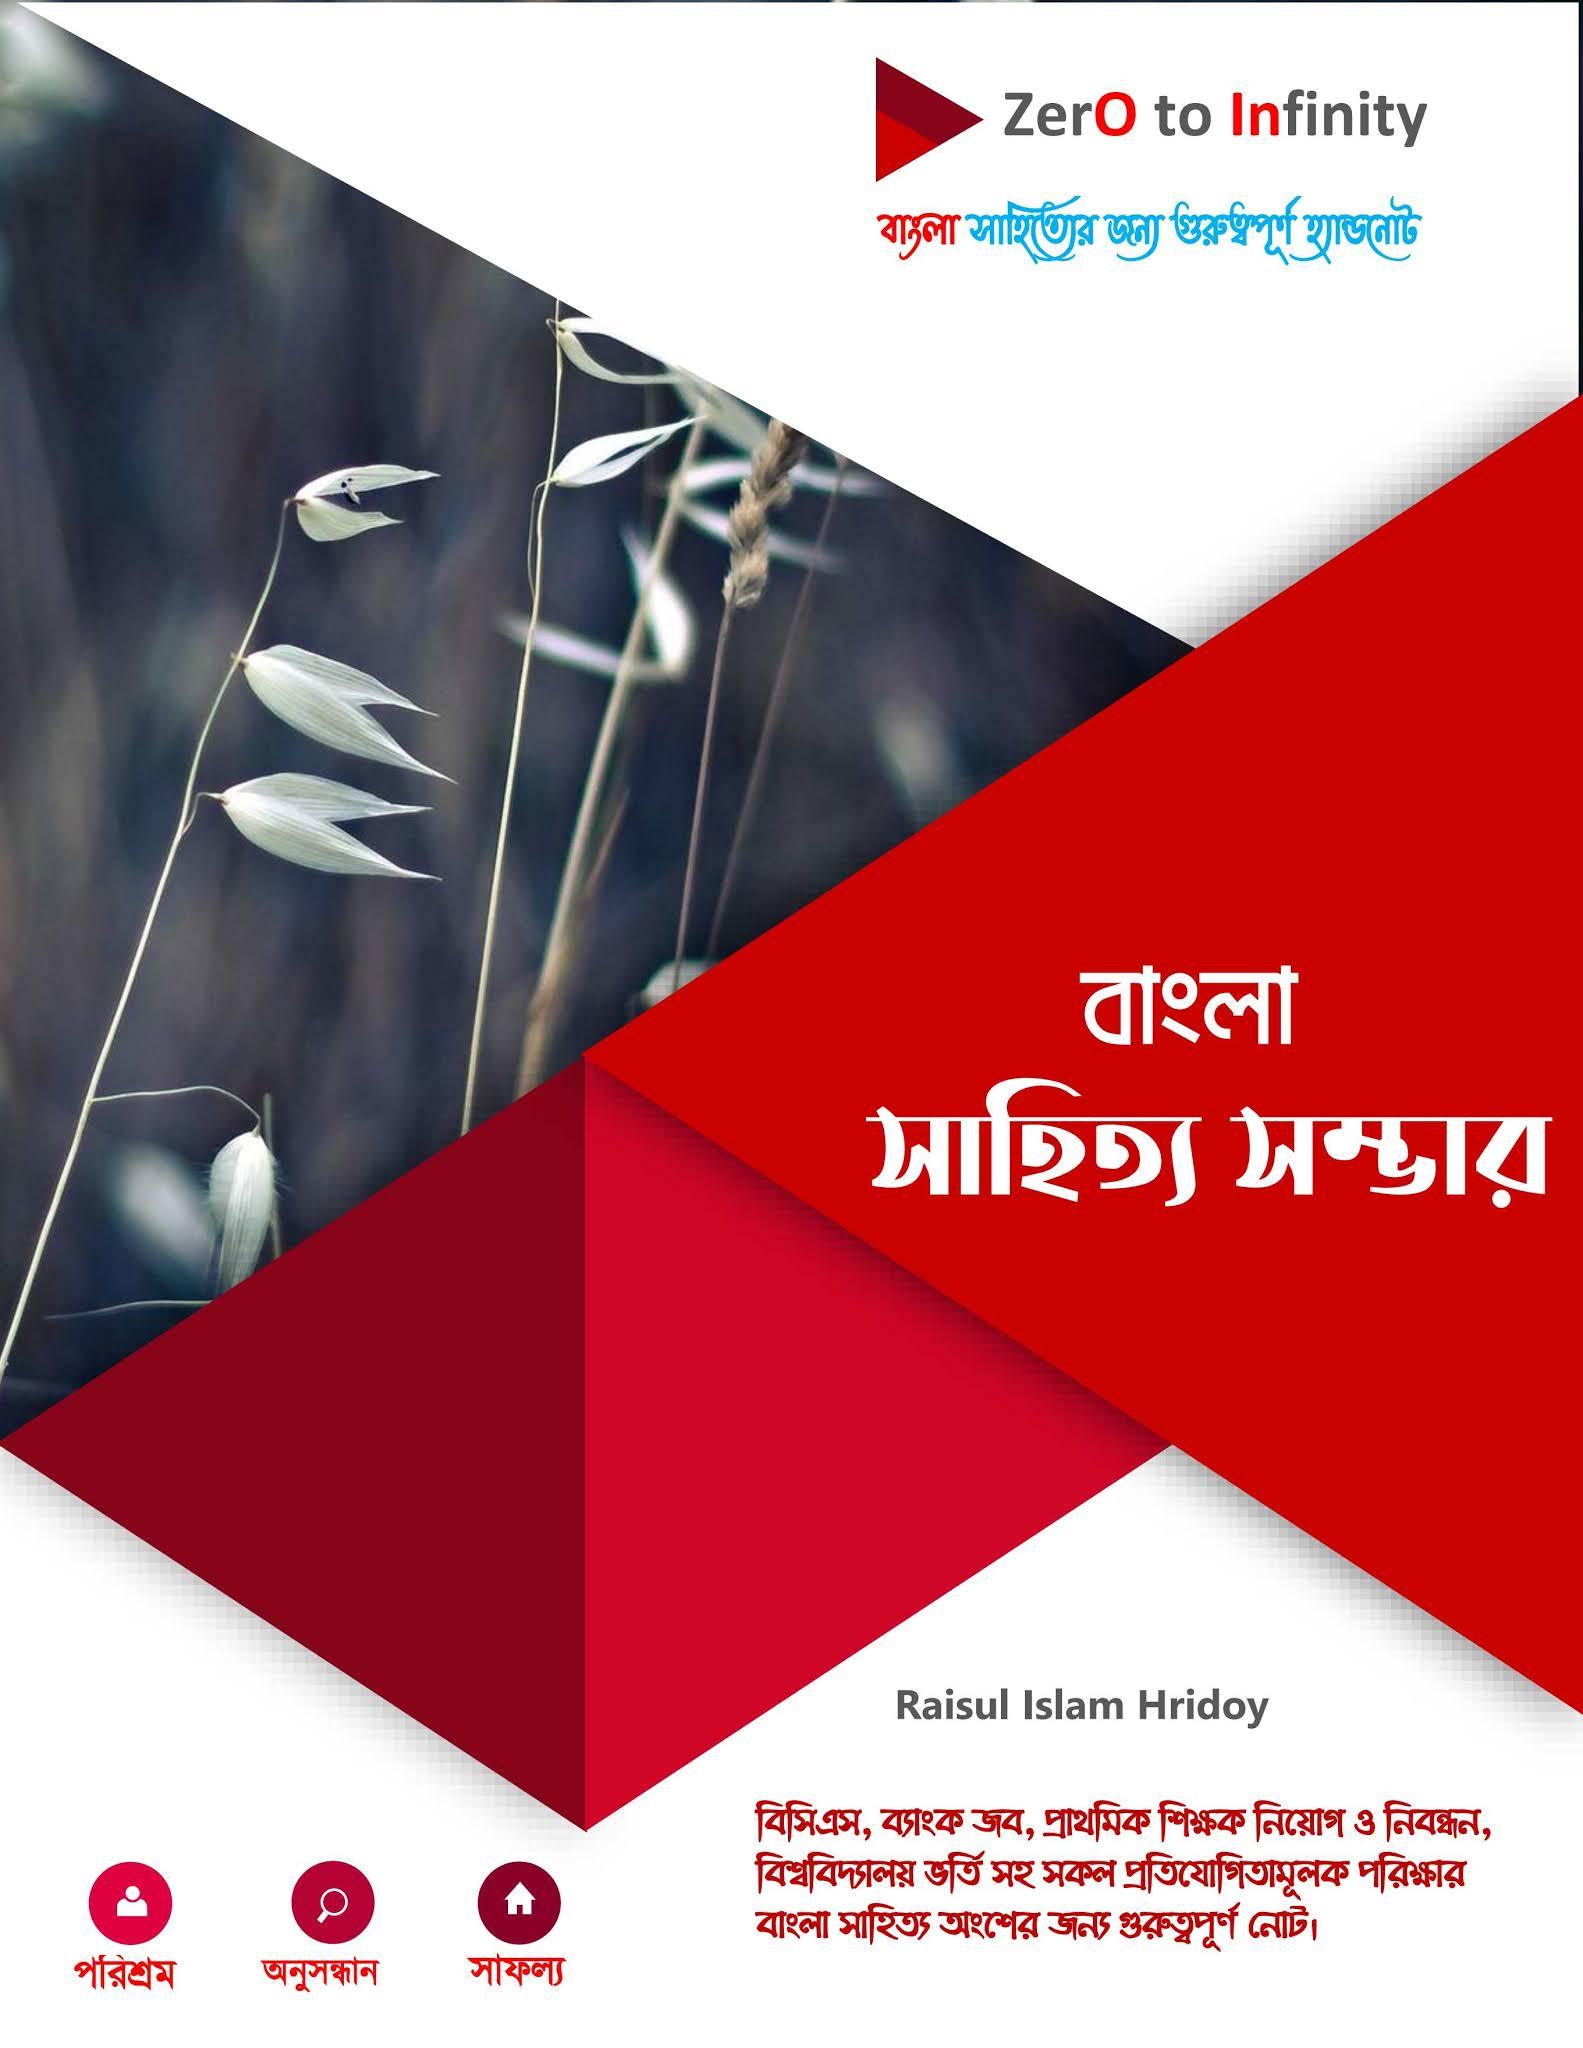 বাংলা সাহিত্য সম্ভার Pdf Download,Zero To Infinity -বাংলা সাহিত্য সম্ভার pdf Download